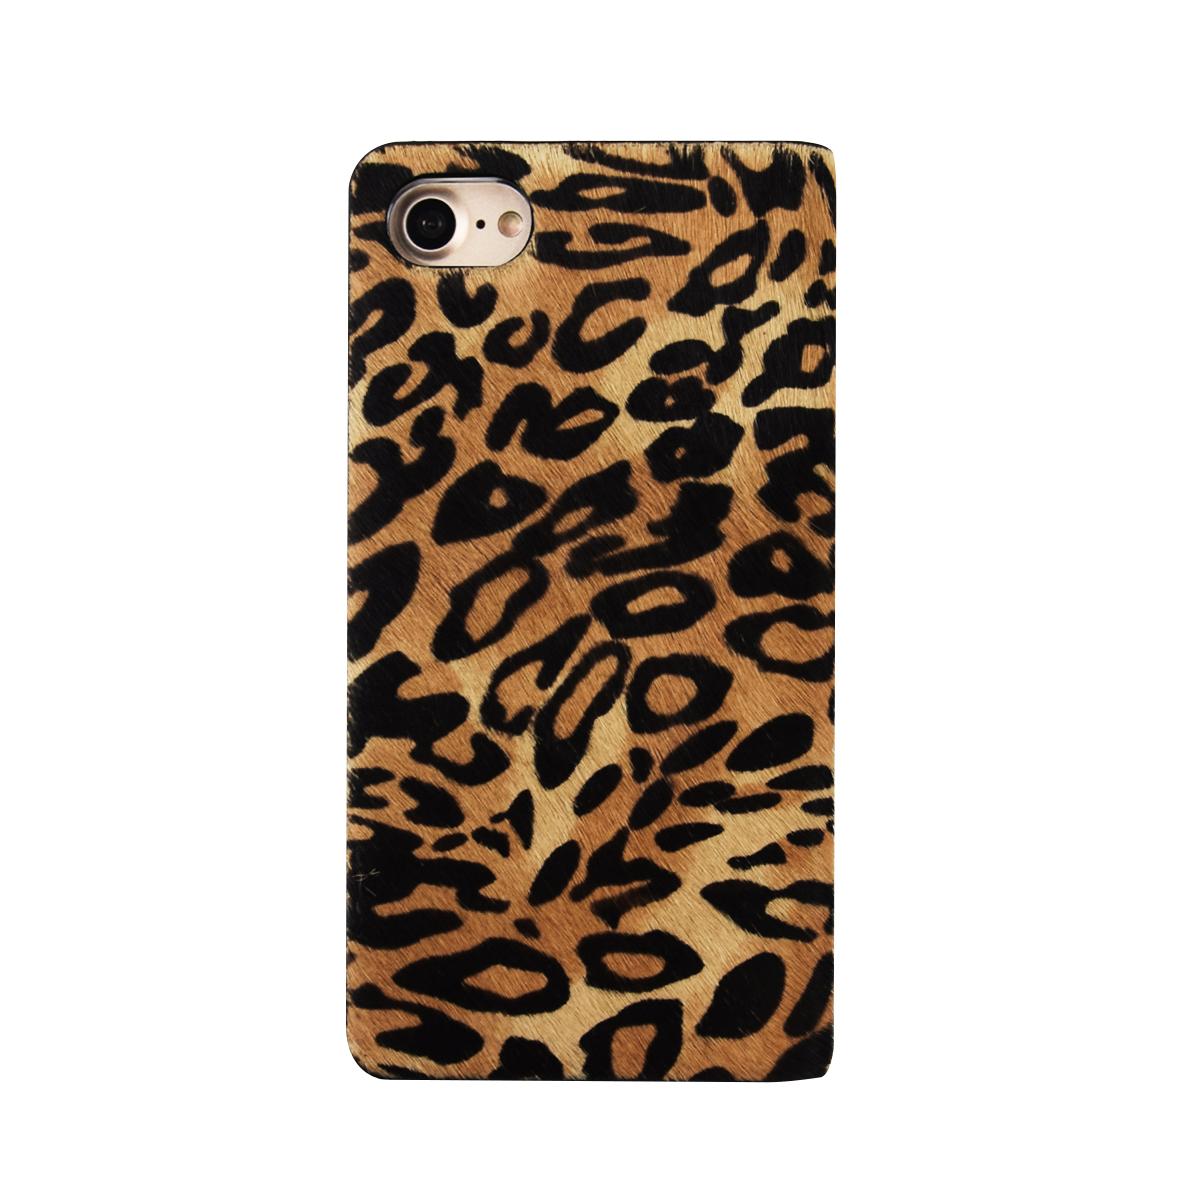 iPhone SE 第2世代 se2 ケース iPhone 8/7ケース 手帳型 GAZE Leopard Calf Hair Diary(ゲイズ レオパードカーフダイアリー)アイフォン 本革 カバー